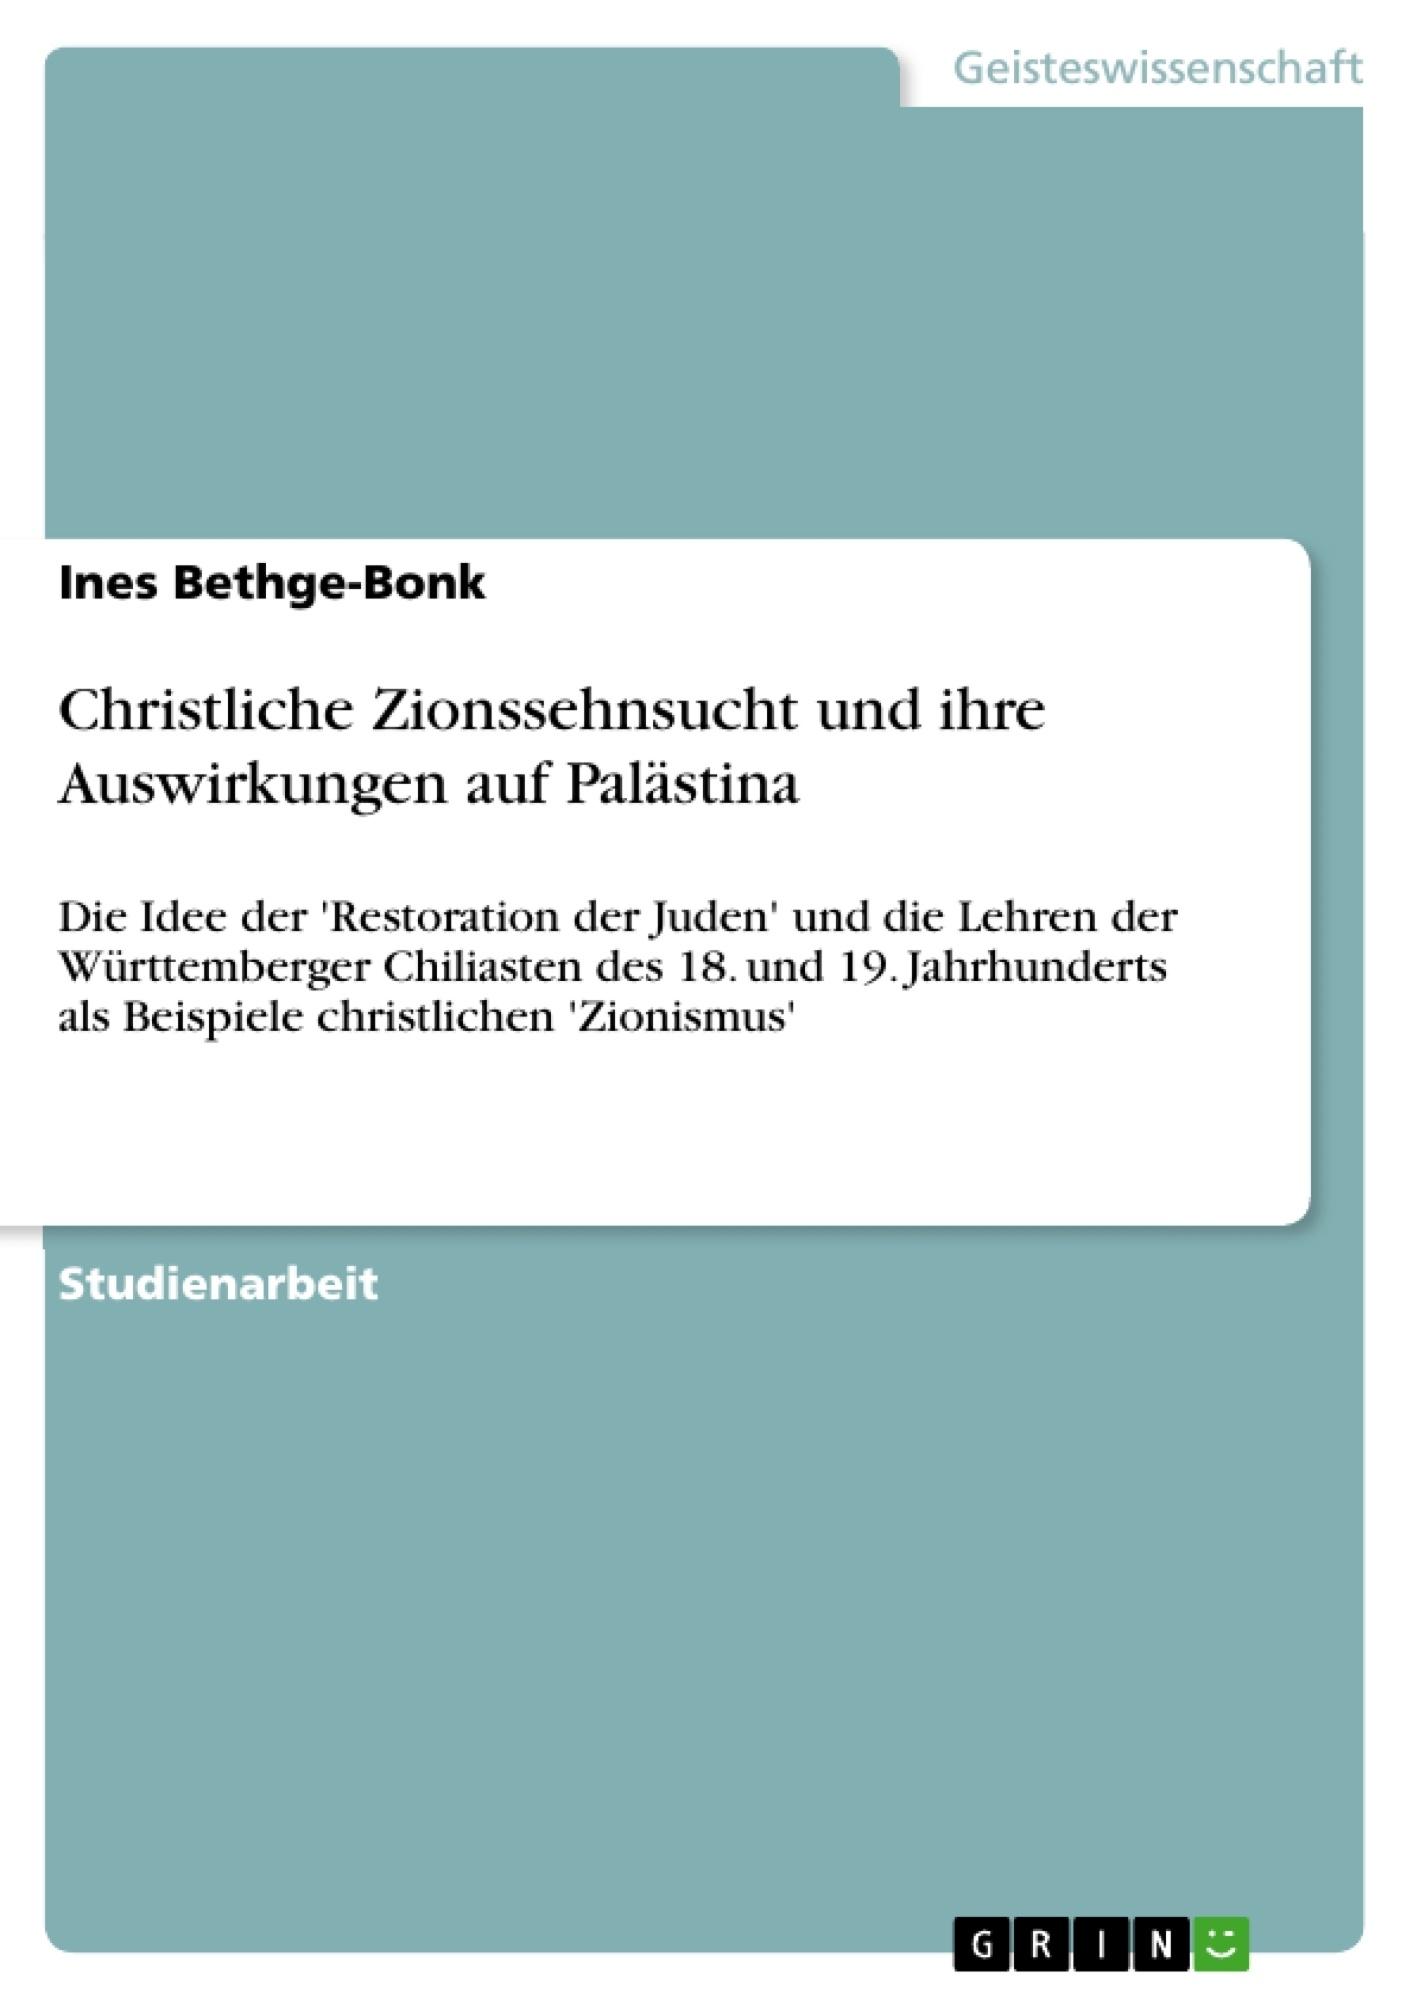 Titel: Christliche Zionssehnsucht und ihre Auswirkungen auf Palästina